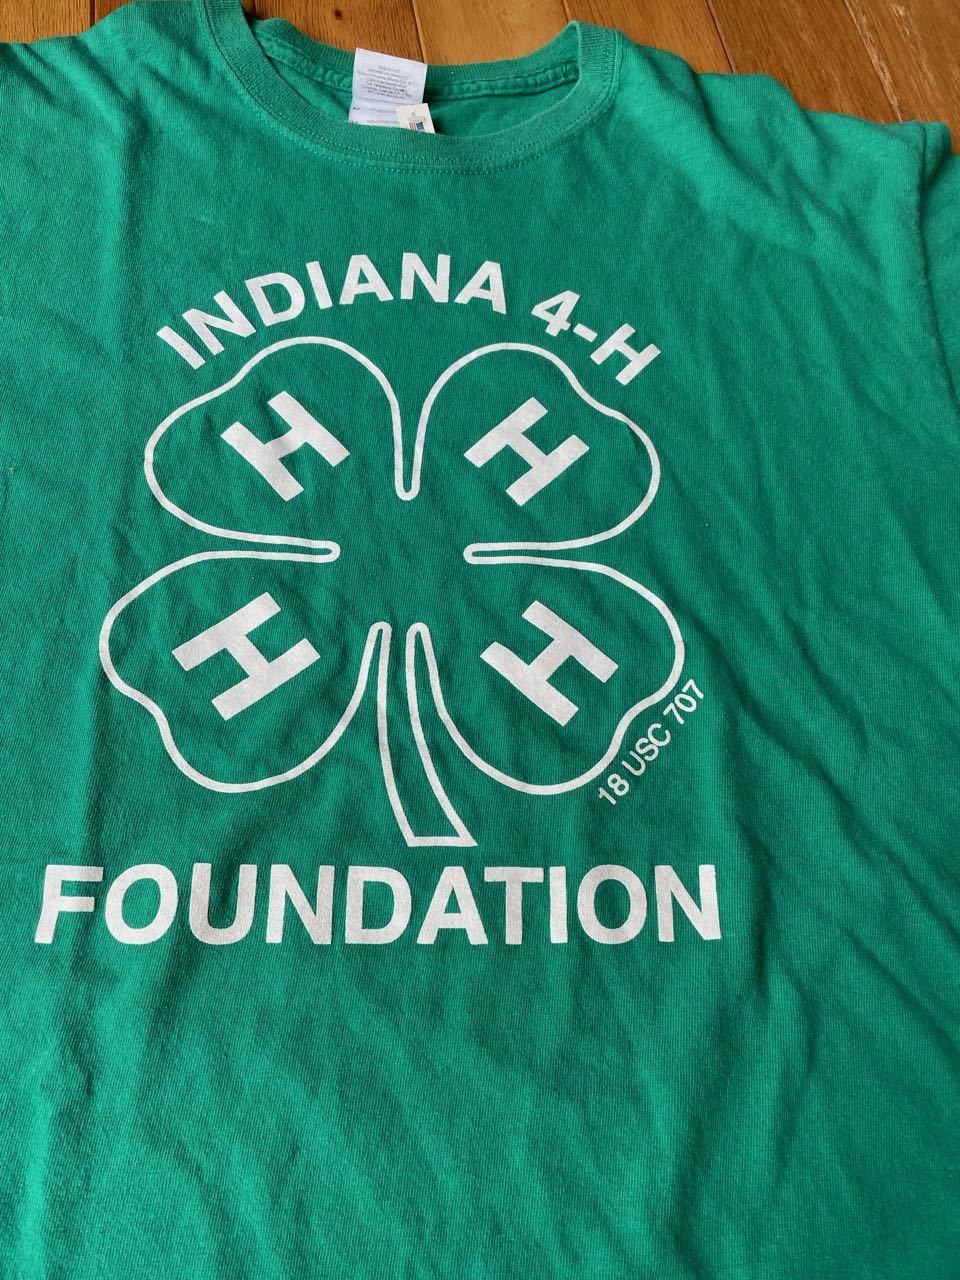 7月17日(土)入荷!00s〜INDIANA 4H FUNDATION Tシャツ!_c0144020_13174203.jpg